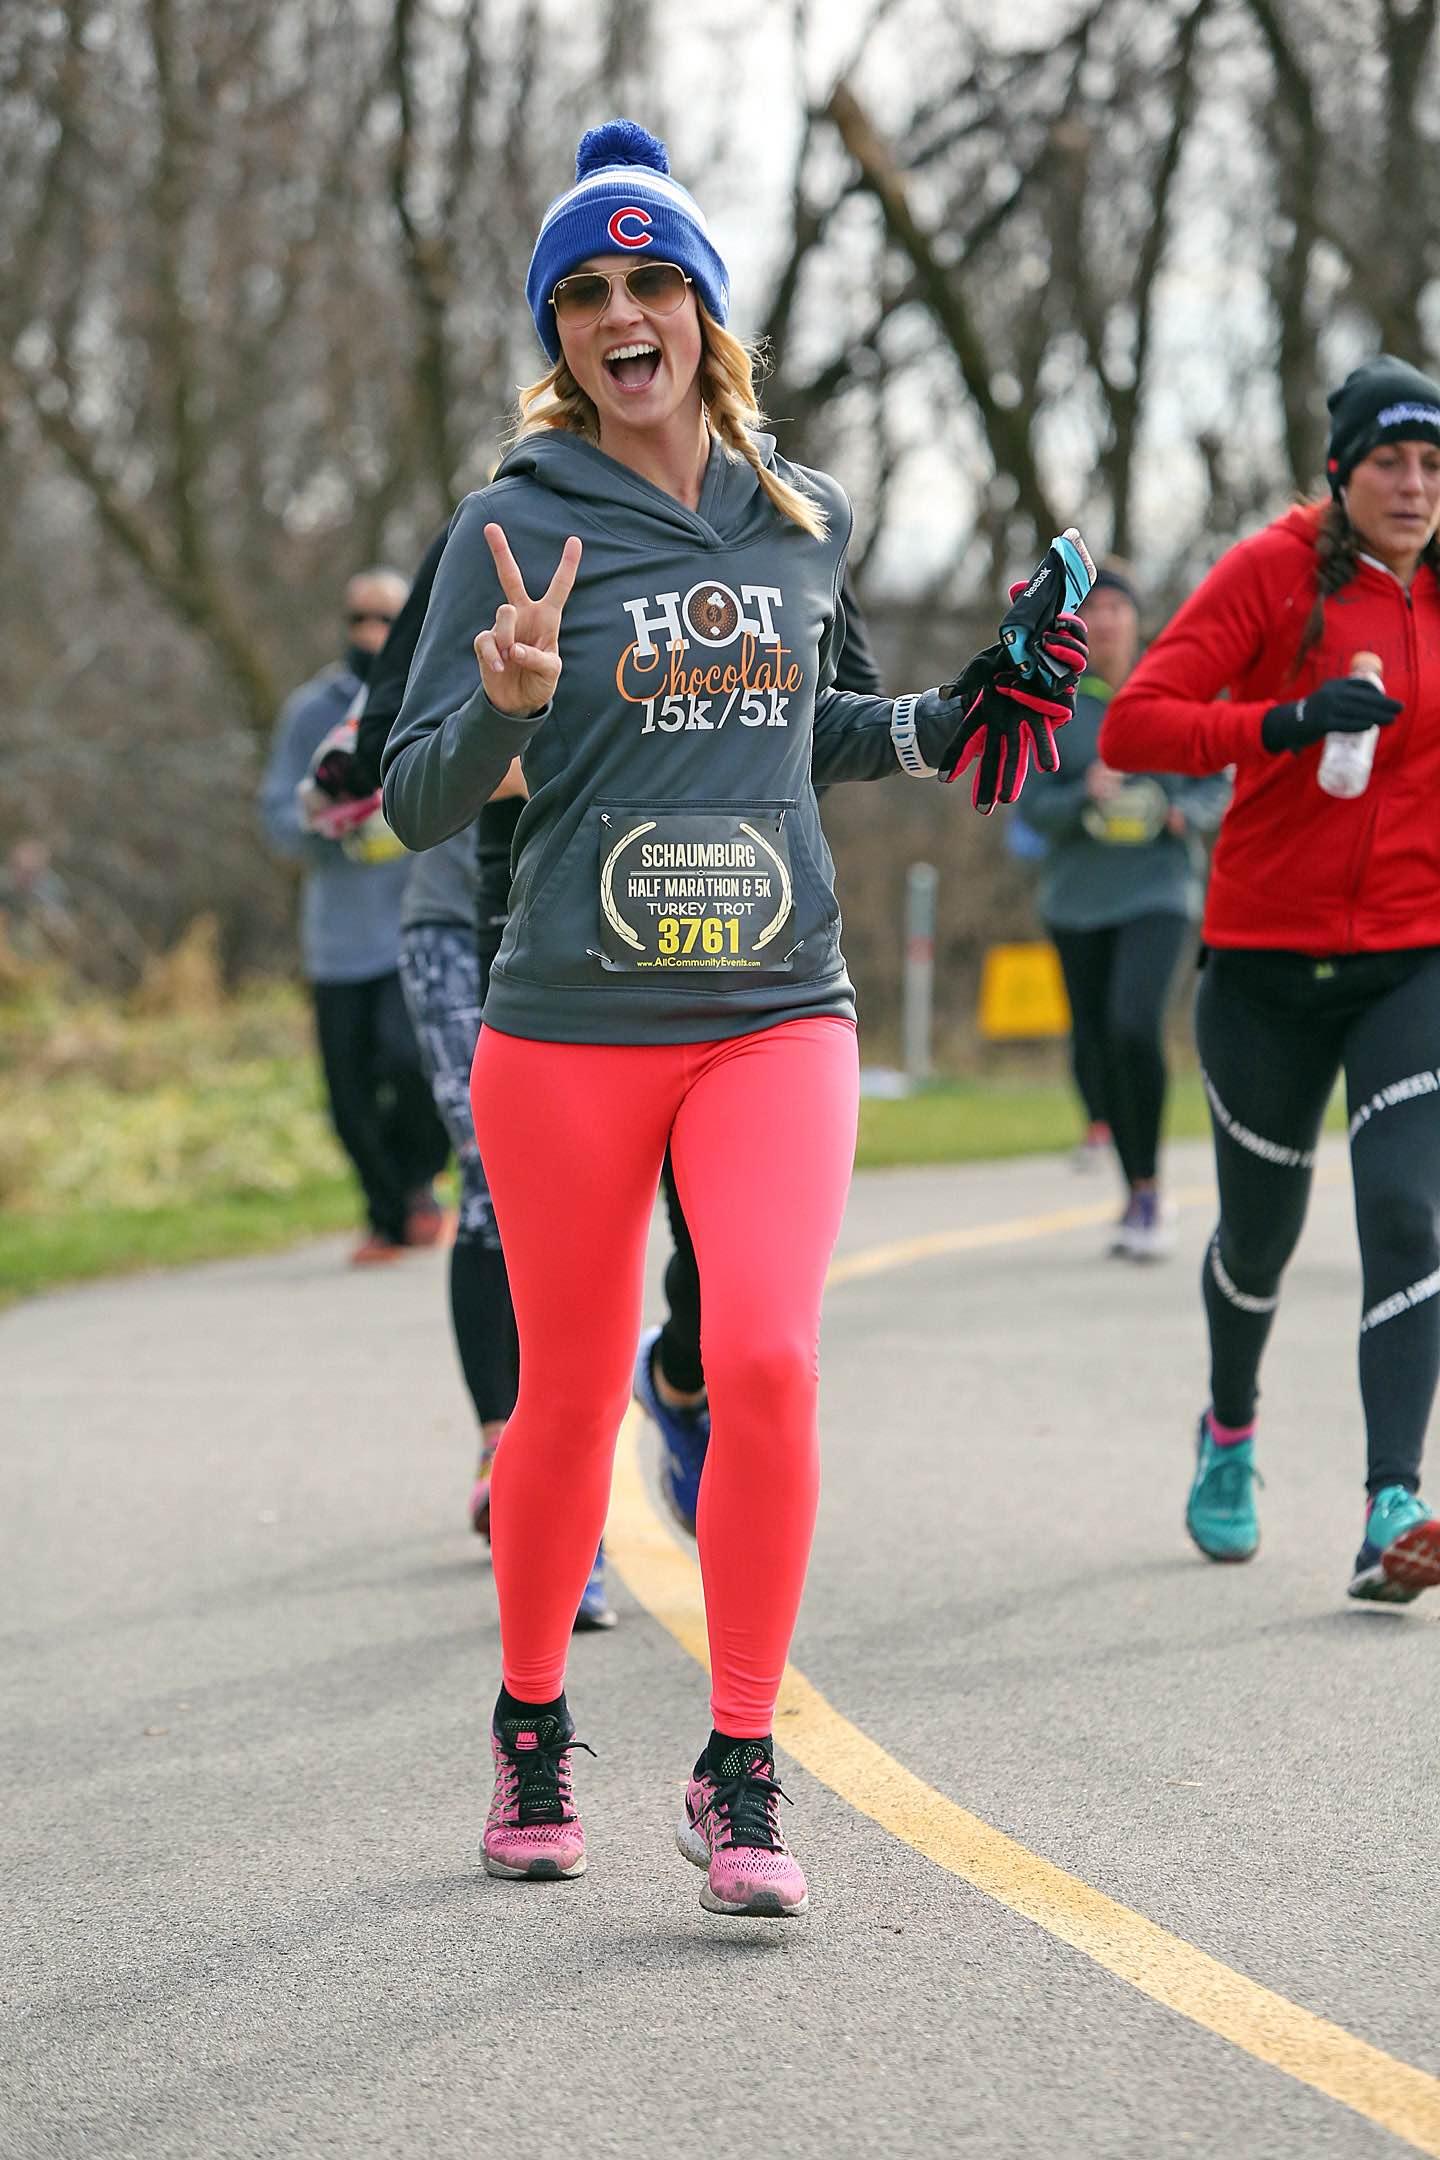 Stevie running a Turkey Trot 1/2 Marathon!!🦃🦃🦃😍